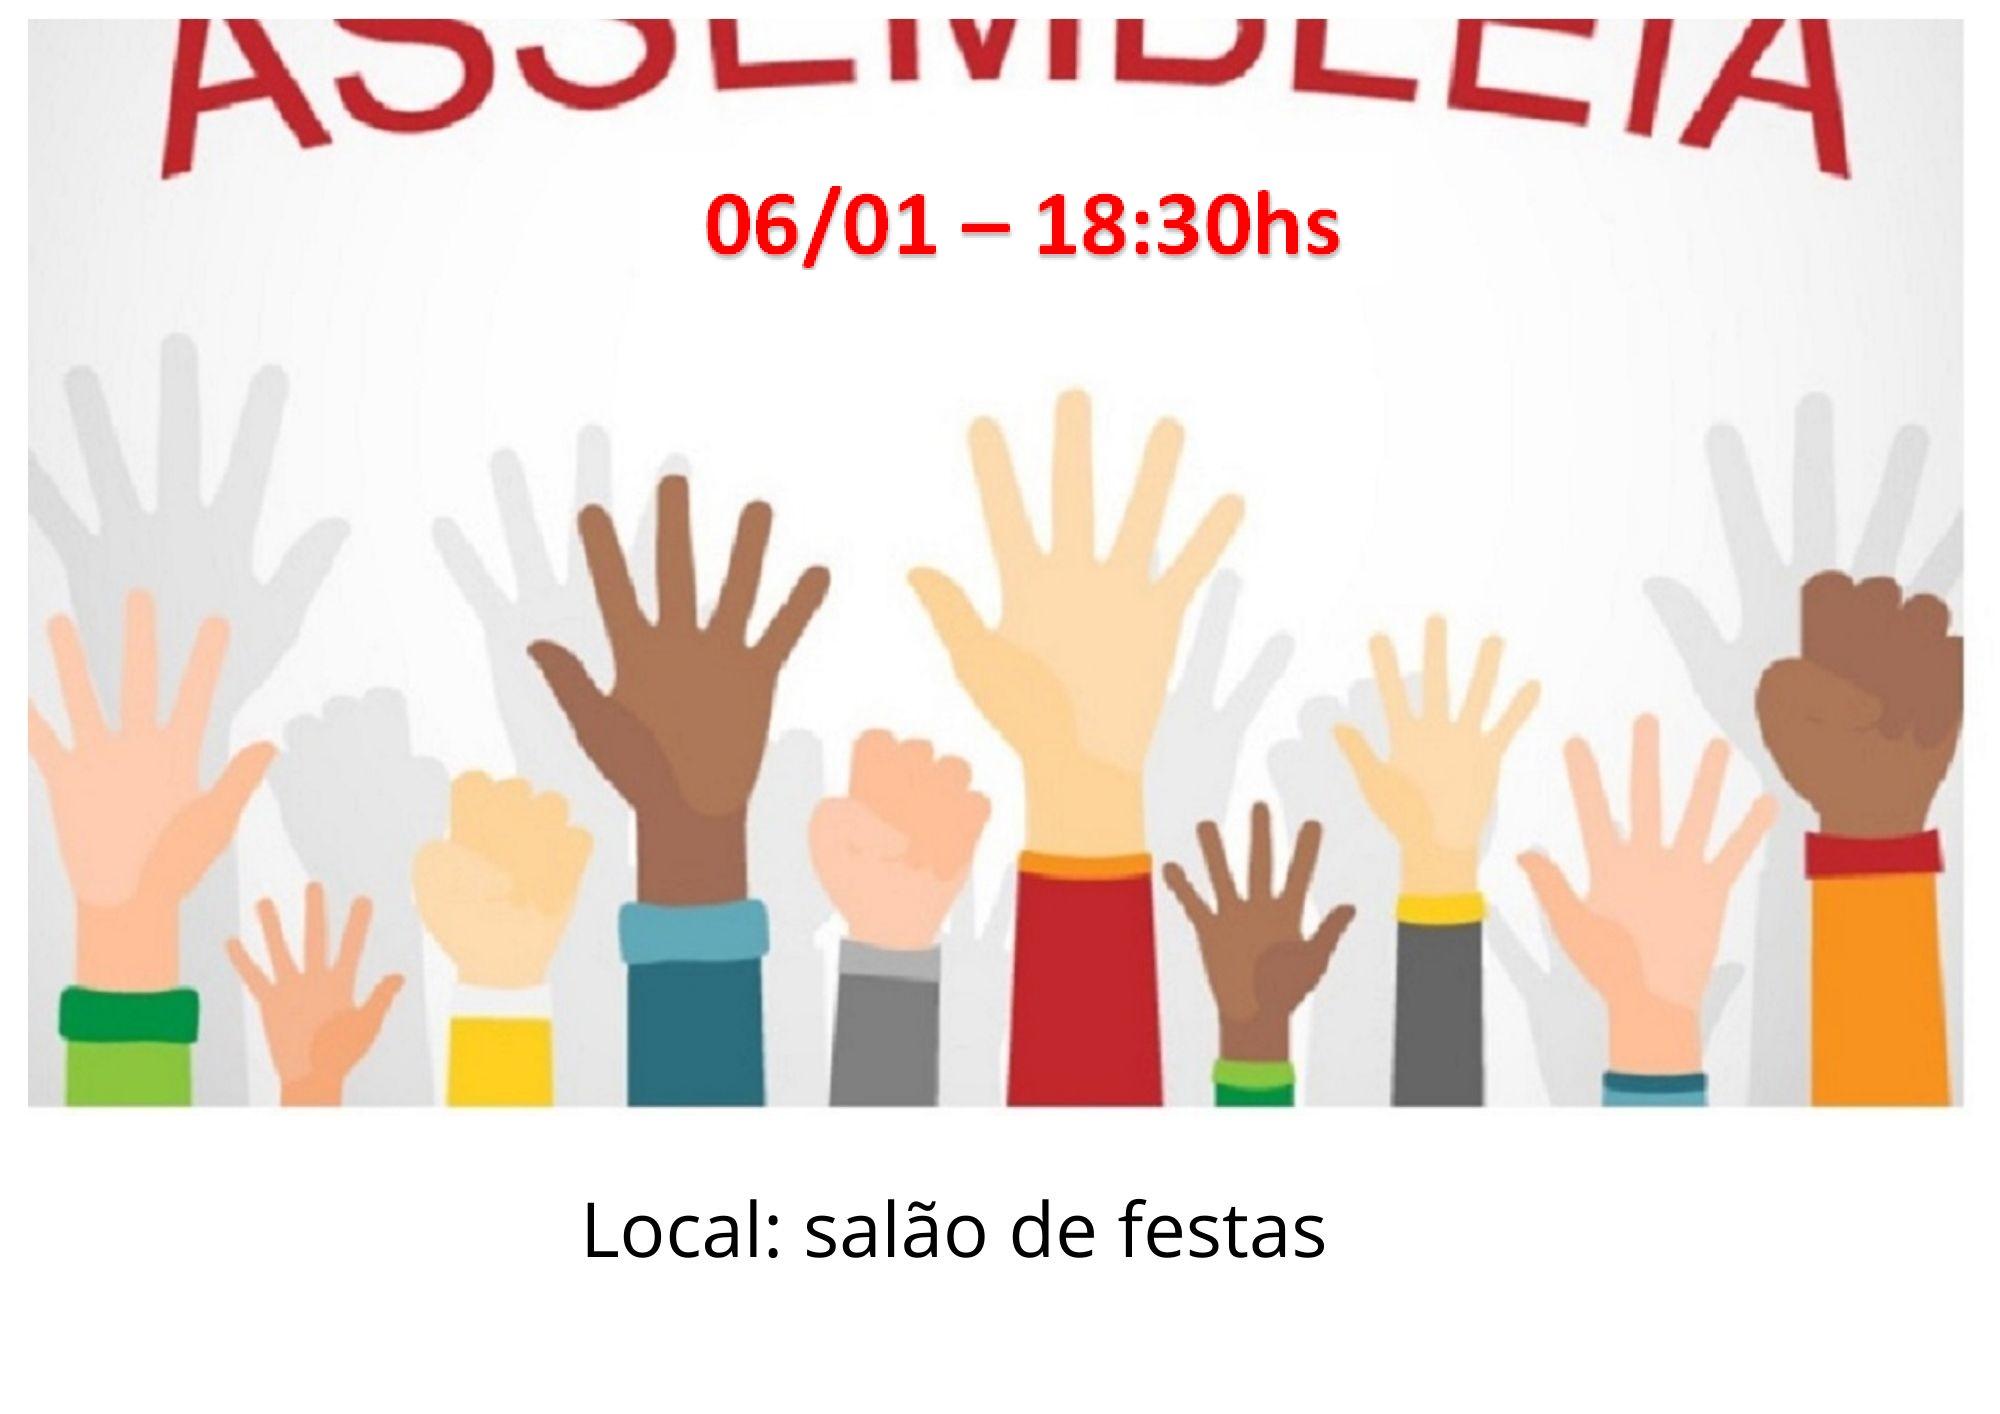 Assembleia Geral Ordinária - 06/01 - 18:30hs